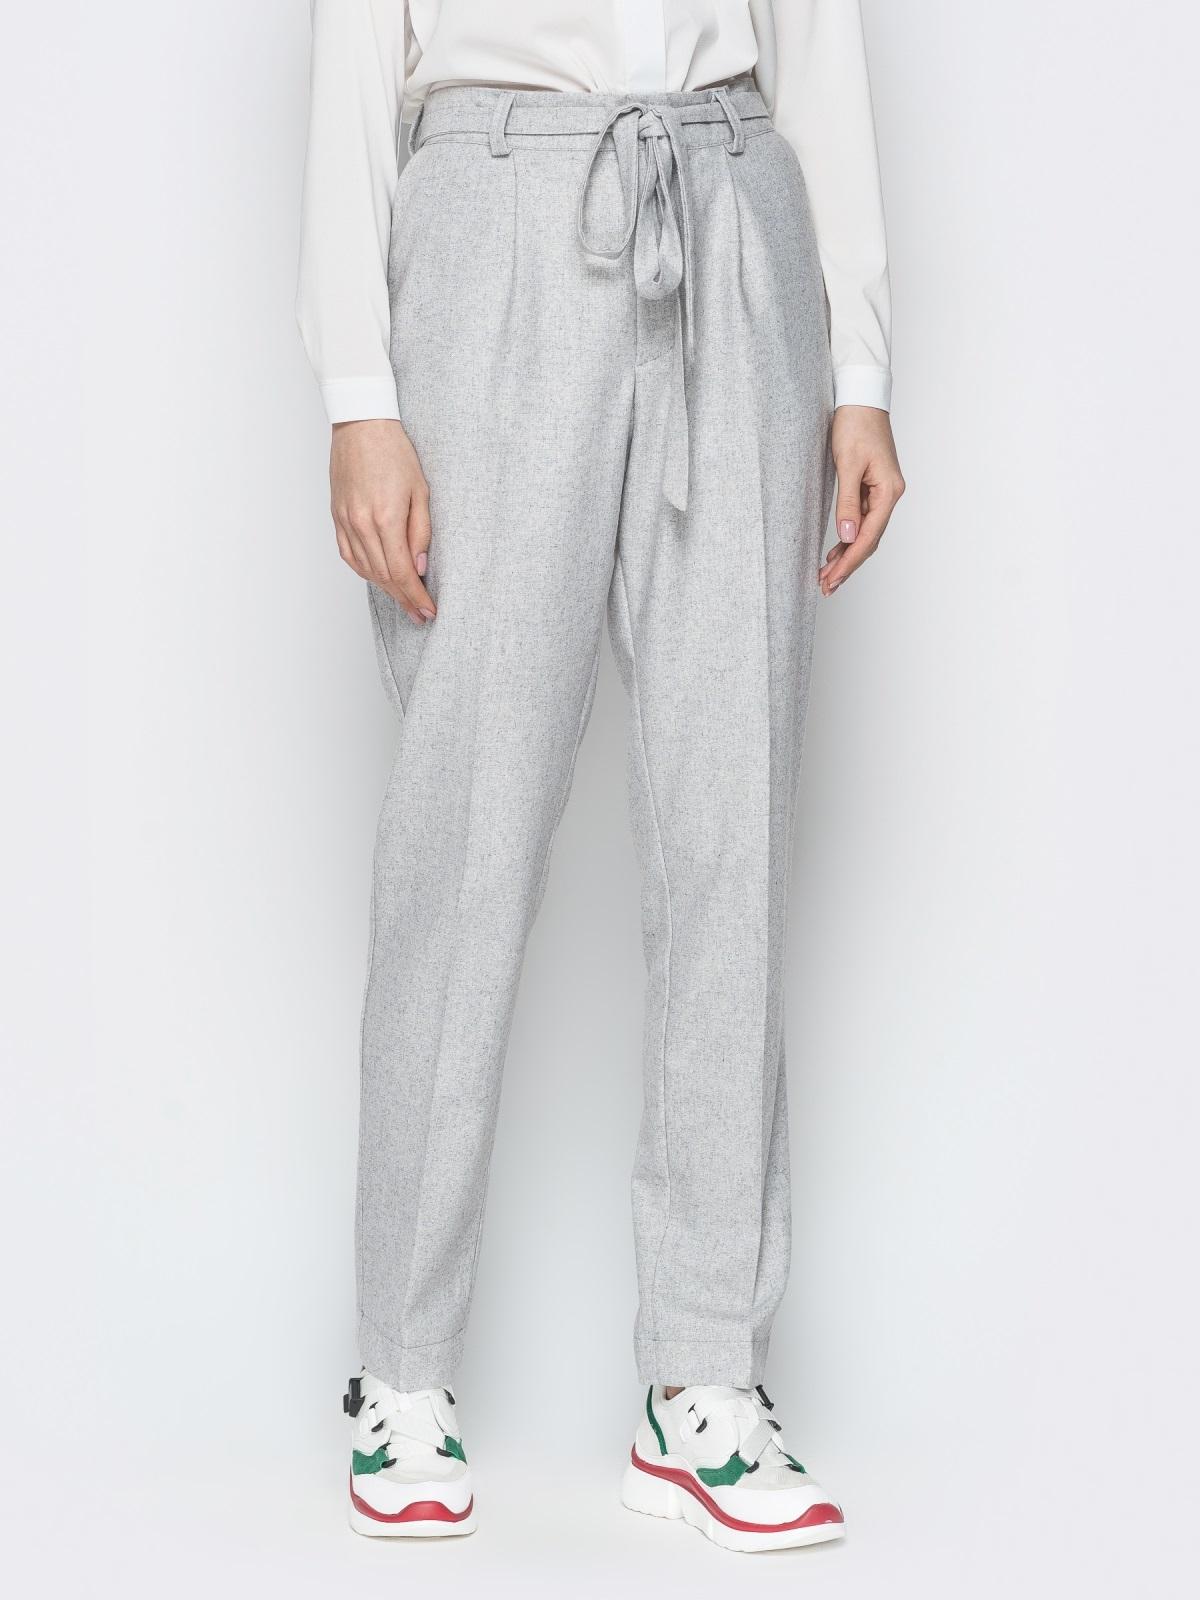 Светло-серые брюки с поясом и шлёвками - 20093, фото 1 – интернет-магазин Dressa